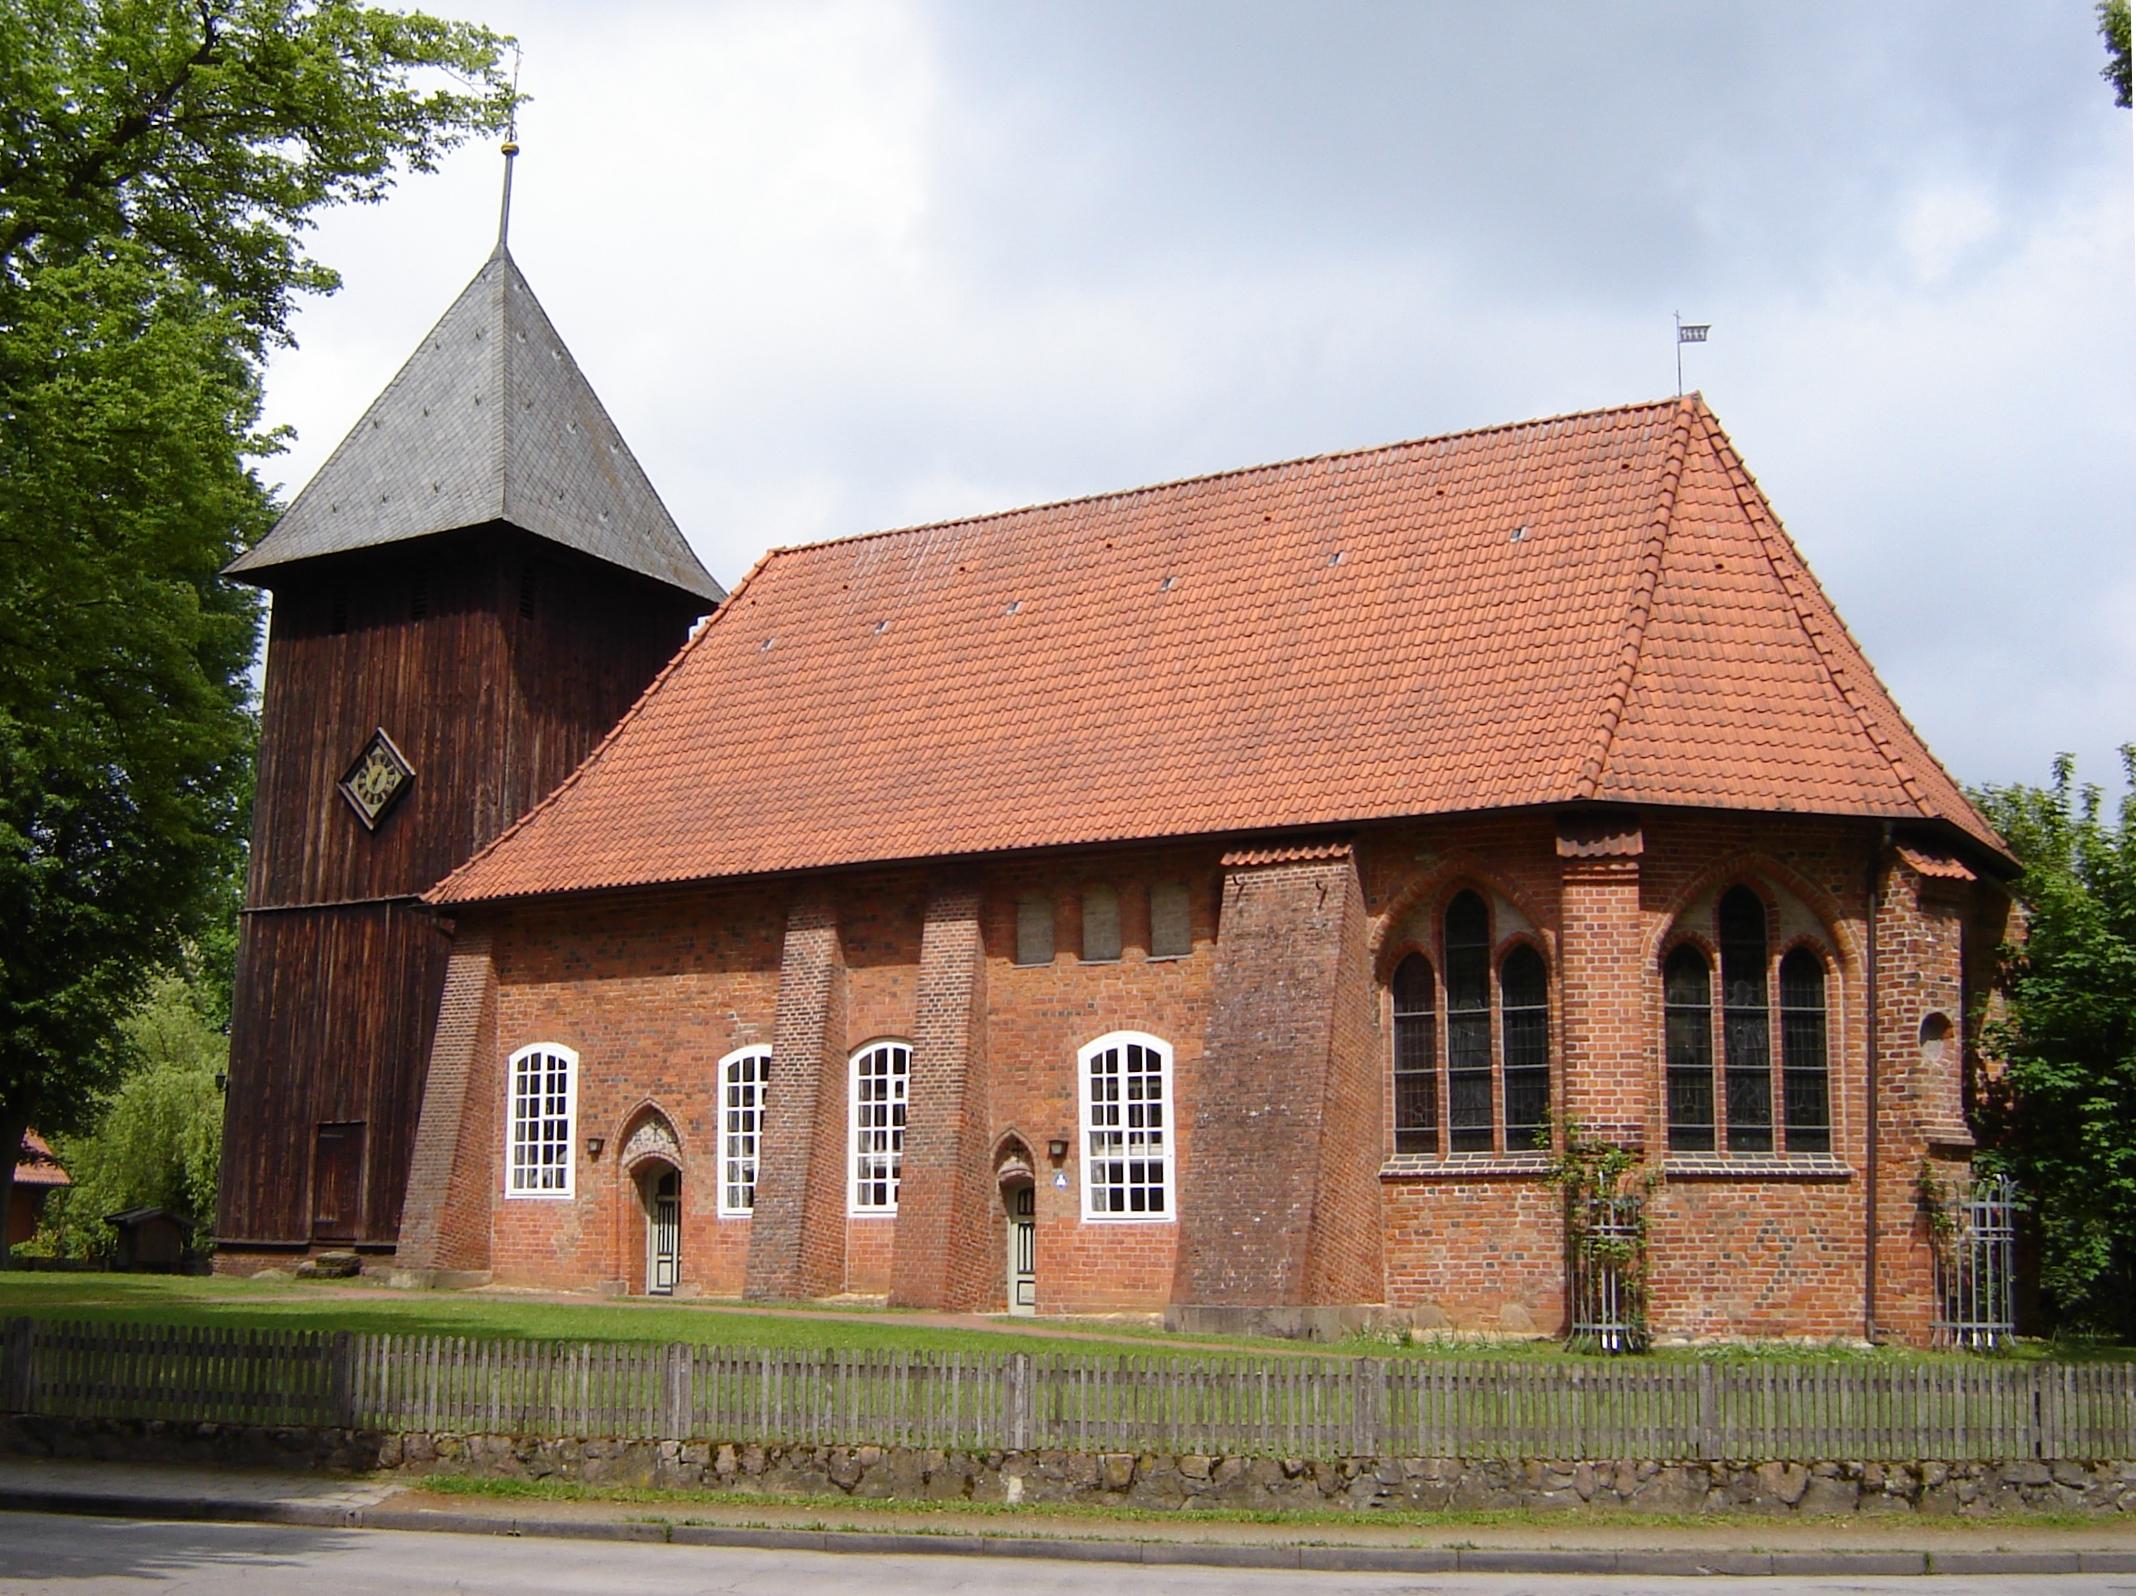 Quelle: https://de.wikipedia.org/wiki/St._Laurentius_(Müden)#/media/Datei:Muedenkirche.jpg